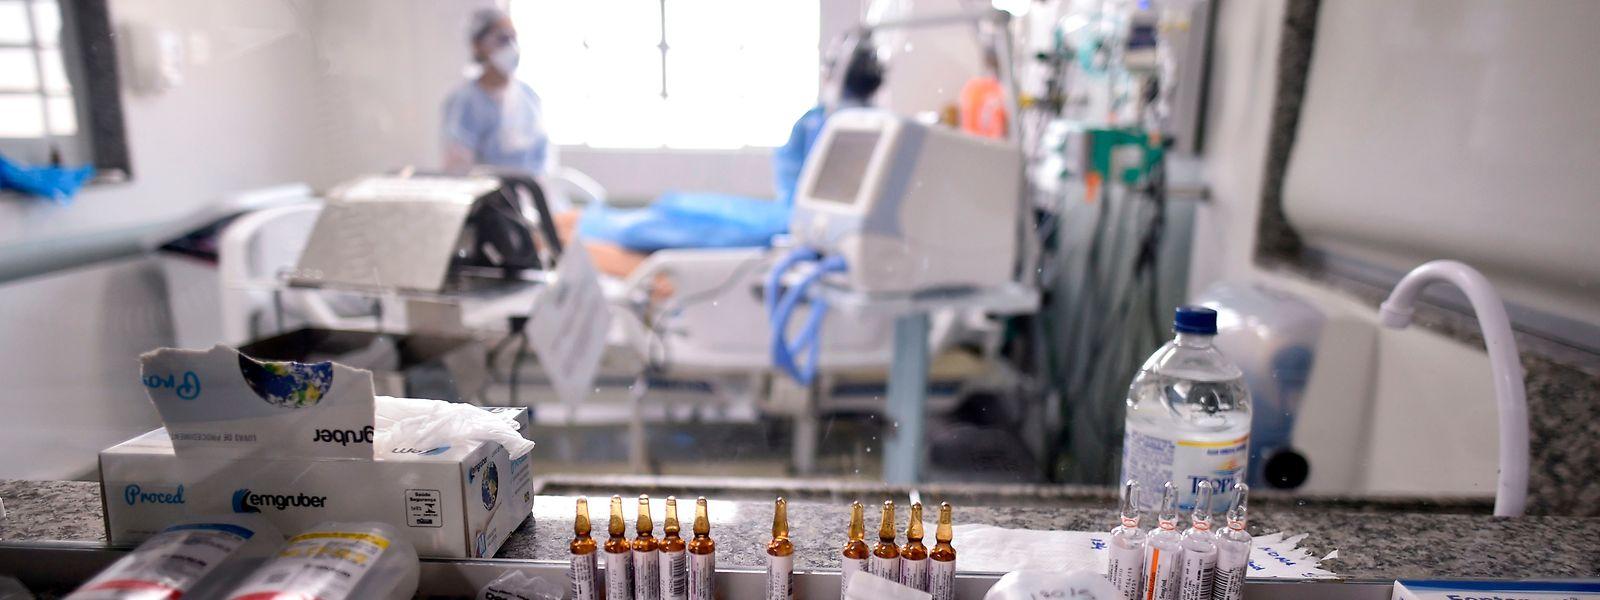 Quinze personnes atteintes du covid-19 sont actuellement hospitalisées au Luxembourg